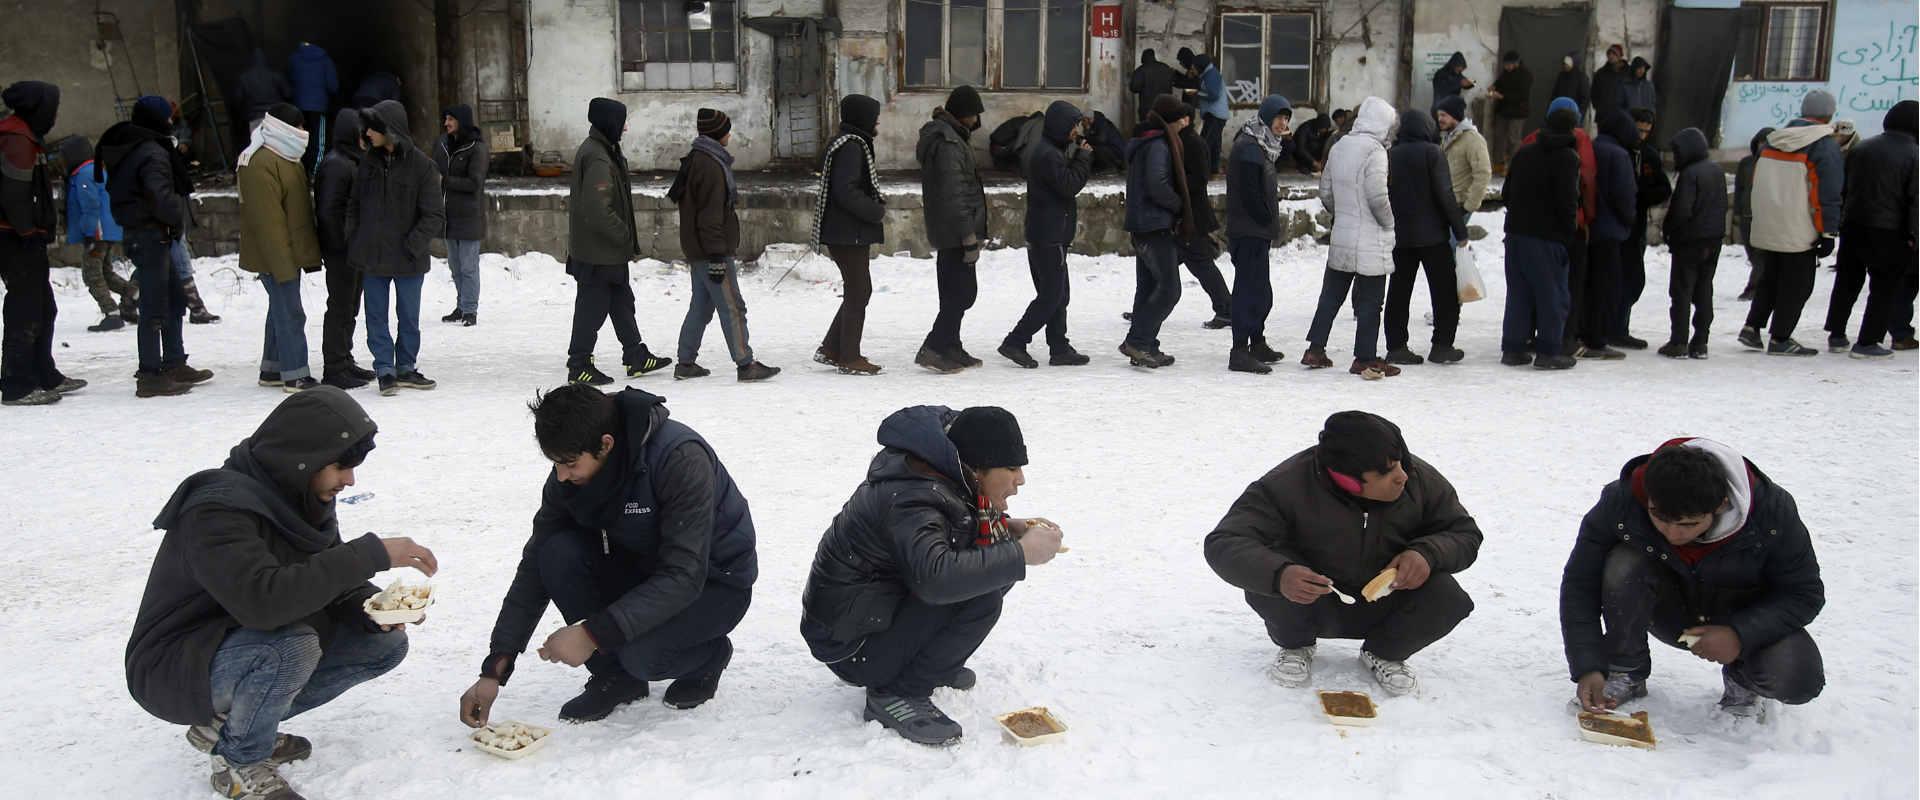 מהגרים בשלג בסרביה